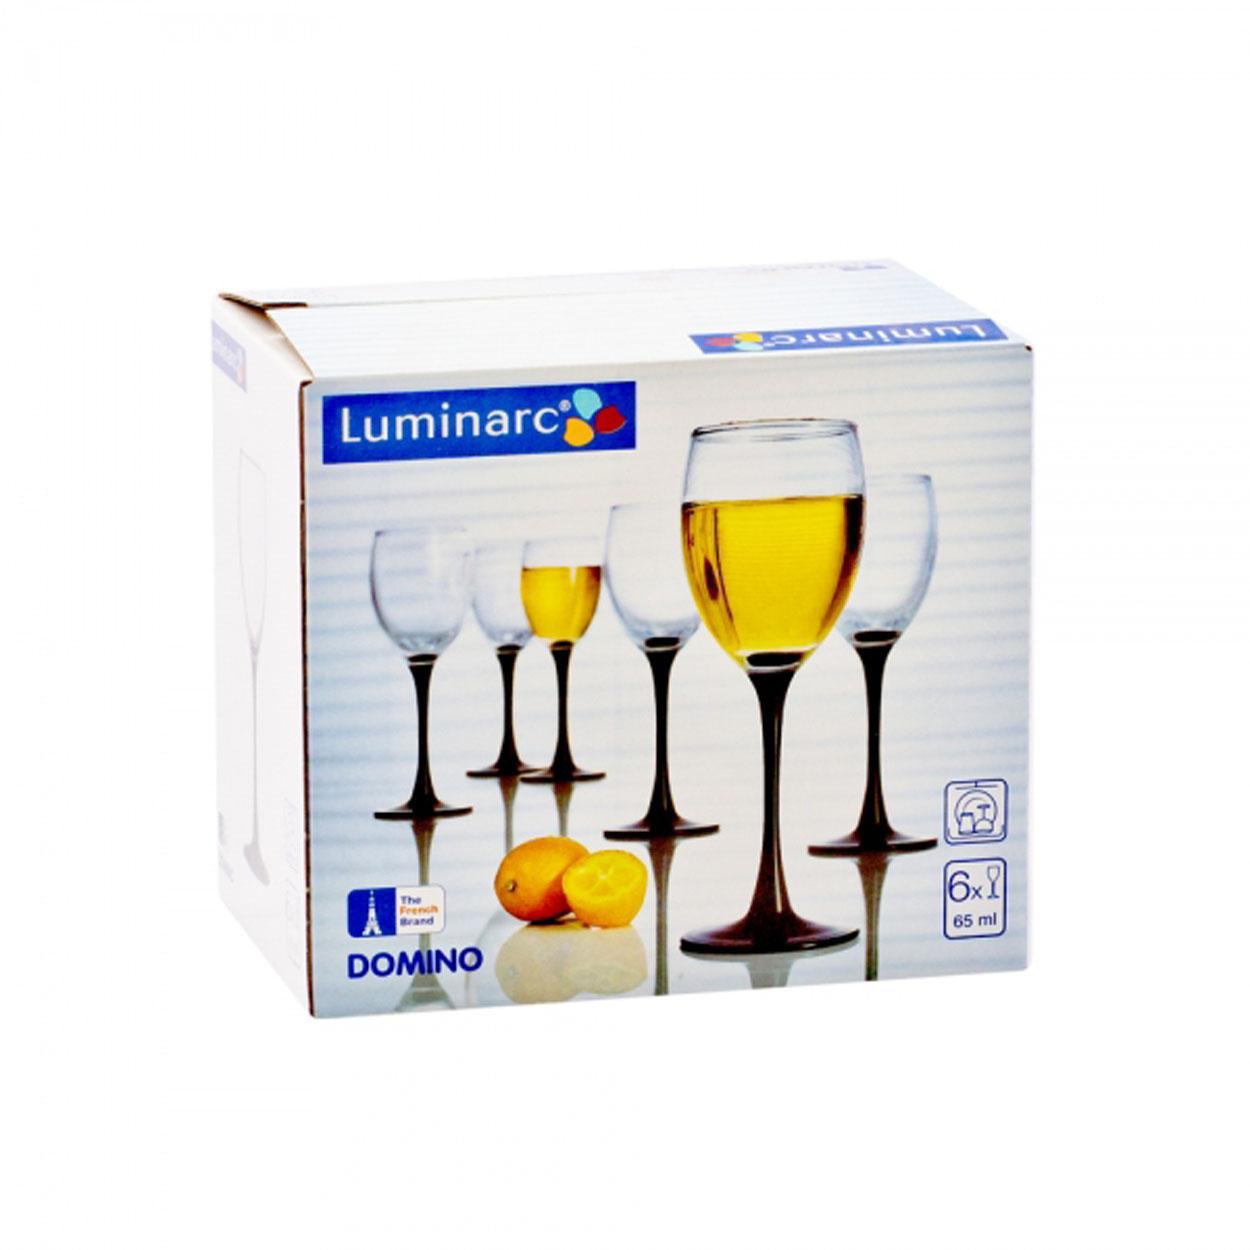 Набор рюмок Luminarc Домино, 65 мл, 6 шт. H8166H8166Набор Luminarc состоит из 6 рюмок. Изделия выполнены из прочного стойкого стекла. Красивая ножка, изготовленная в темных тонах, придаст утонченность сервировке вашего стола.Объем рюмки: 65 мл.